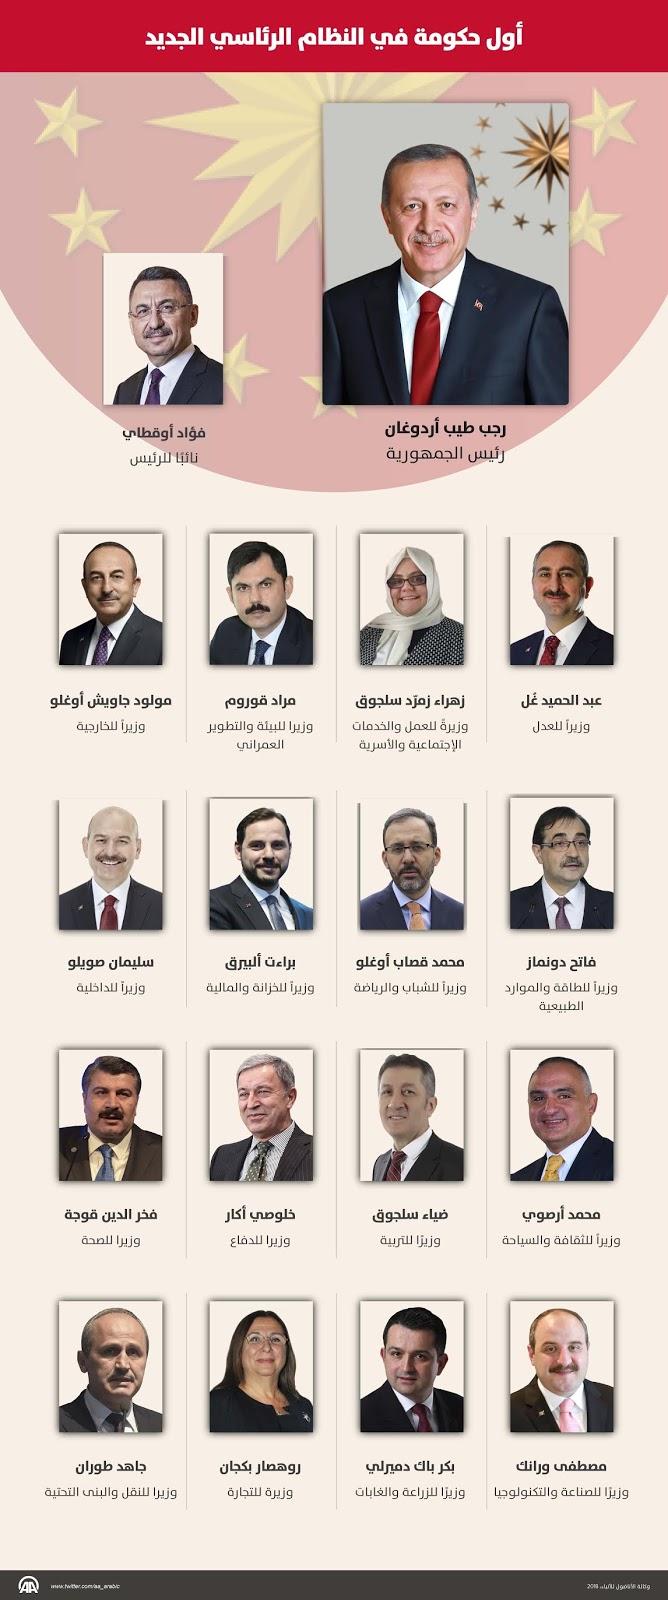 تركيا: أول حكومة في النظام الرئاسي الجديد